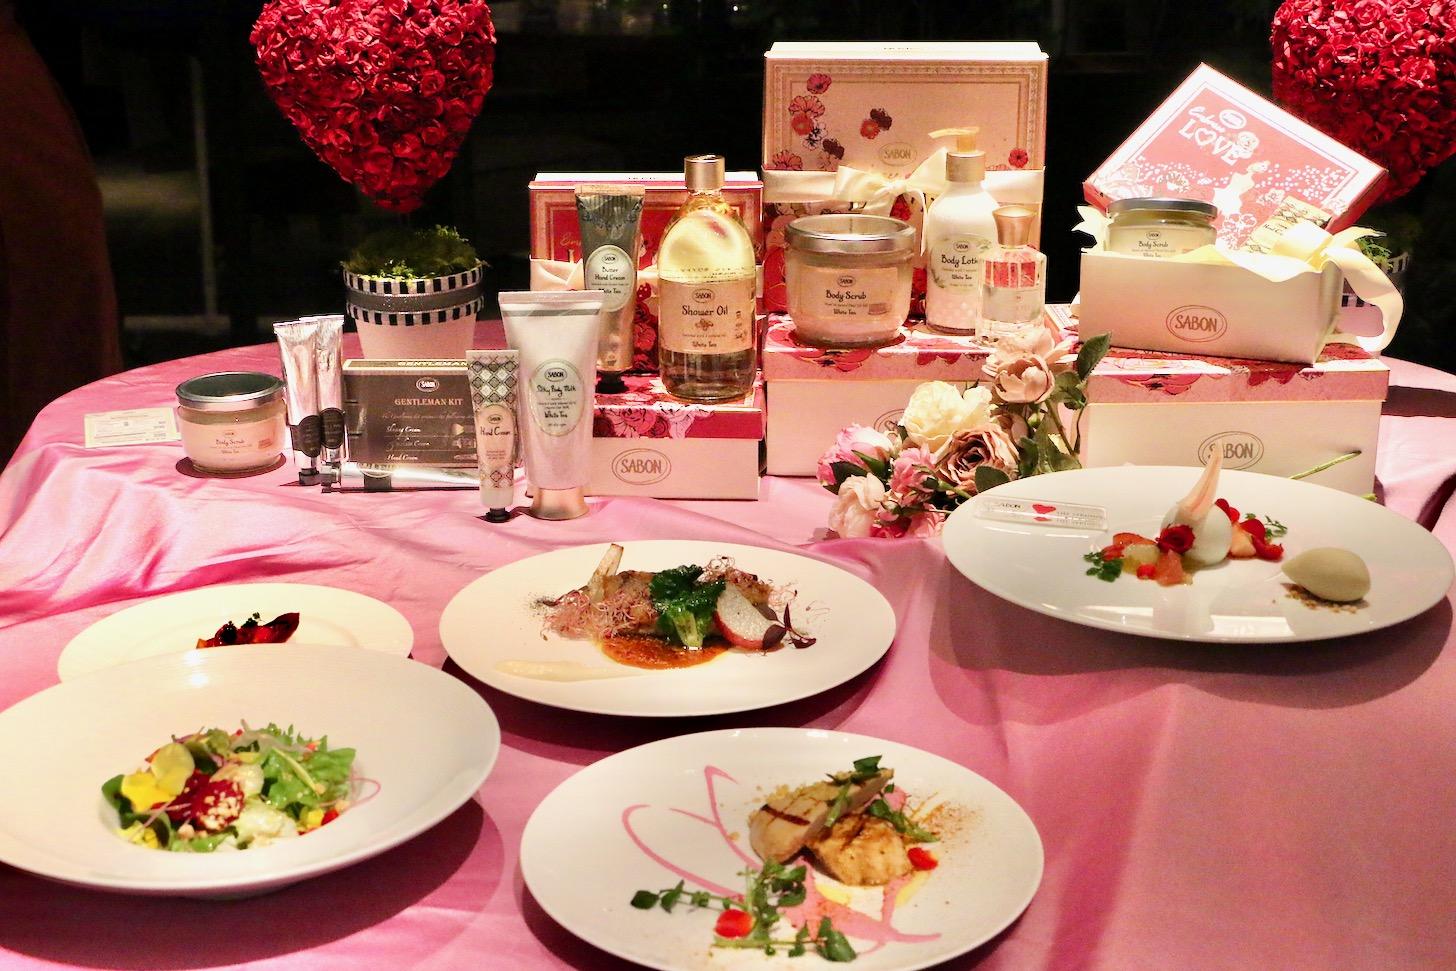 ザ ストリングス表参道でSABONコラボレーション バレンタインディナー